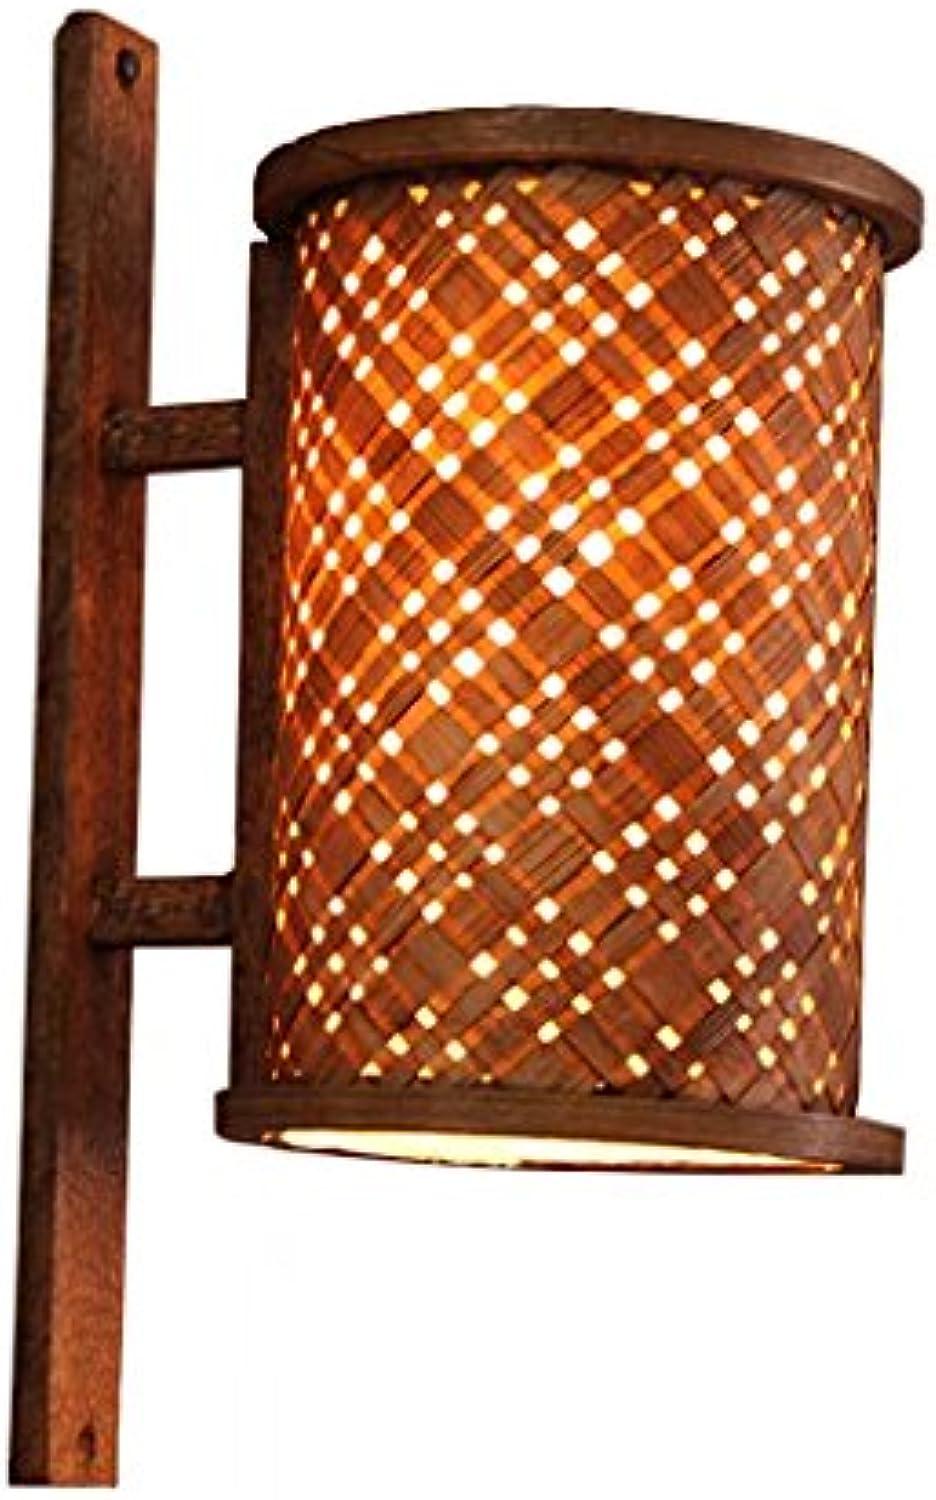 Kreative Wandleuchte einfache moderne Wandlampe Eisen kreative Nachttischlampe Wandlampe Flurlampe Kamin Treppe Gang Wandleuchte